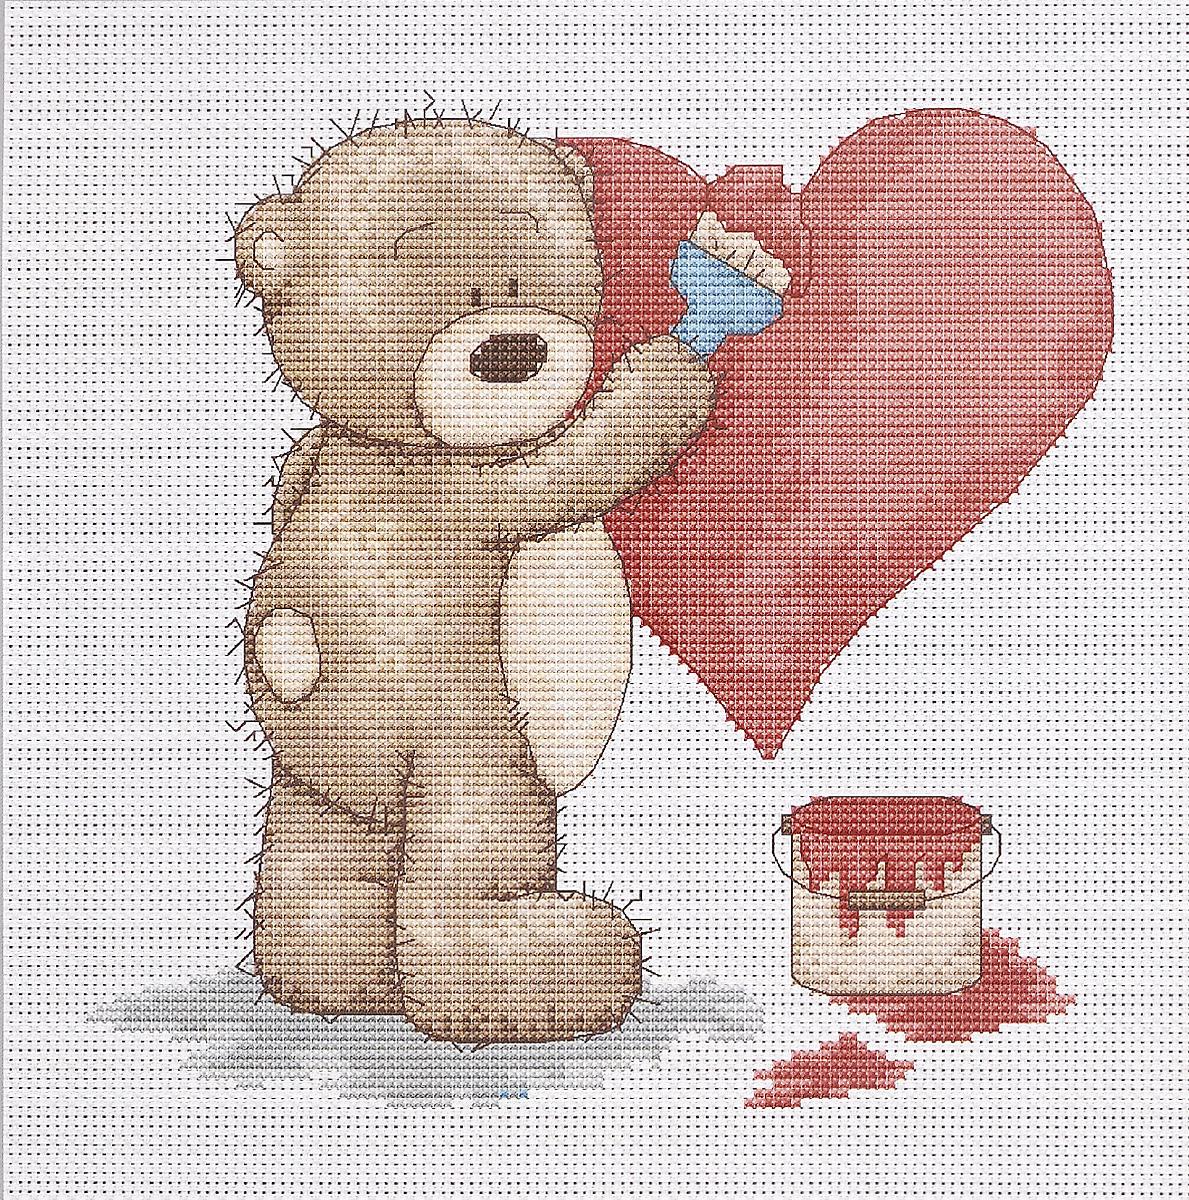 Набор для вышивания крестом Luca-S Медвежонок Бруно с сердечком, 17,5 х 17 смB1007Набор для вышивания крестом Luca-S Медвежонок Бруно с сердечком поможет создать красивую вышитую картину. Рисунок-вышивка, выполненный на канве, выглядит стильно и модно. Вышивание отвлечет вас от повседневных забот и превратится в увлекательное занятие! Работа, сделанная своими руками, не только украсит интерьер дома, придав ему уют и оригинальность, но и будет отличным подарком для друзей и близких! Набор содержит все необходимые материалы для вышивки на канве в технике счетный крест. В набор входит: - канва Aida Zweigart №16 (белого цвета), - мулине Anchor - 100% мерсеризованный хлопок (17 цветов), - черно-белая символьная схема, - инструкция на русском языке, - игла. Размер готовой работы: 17,5 х 17 см. Размер канвы: 30 х 28 см.